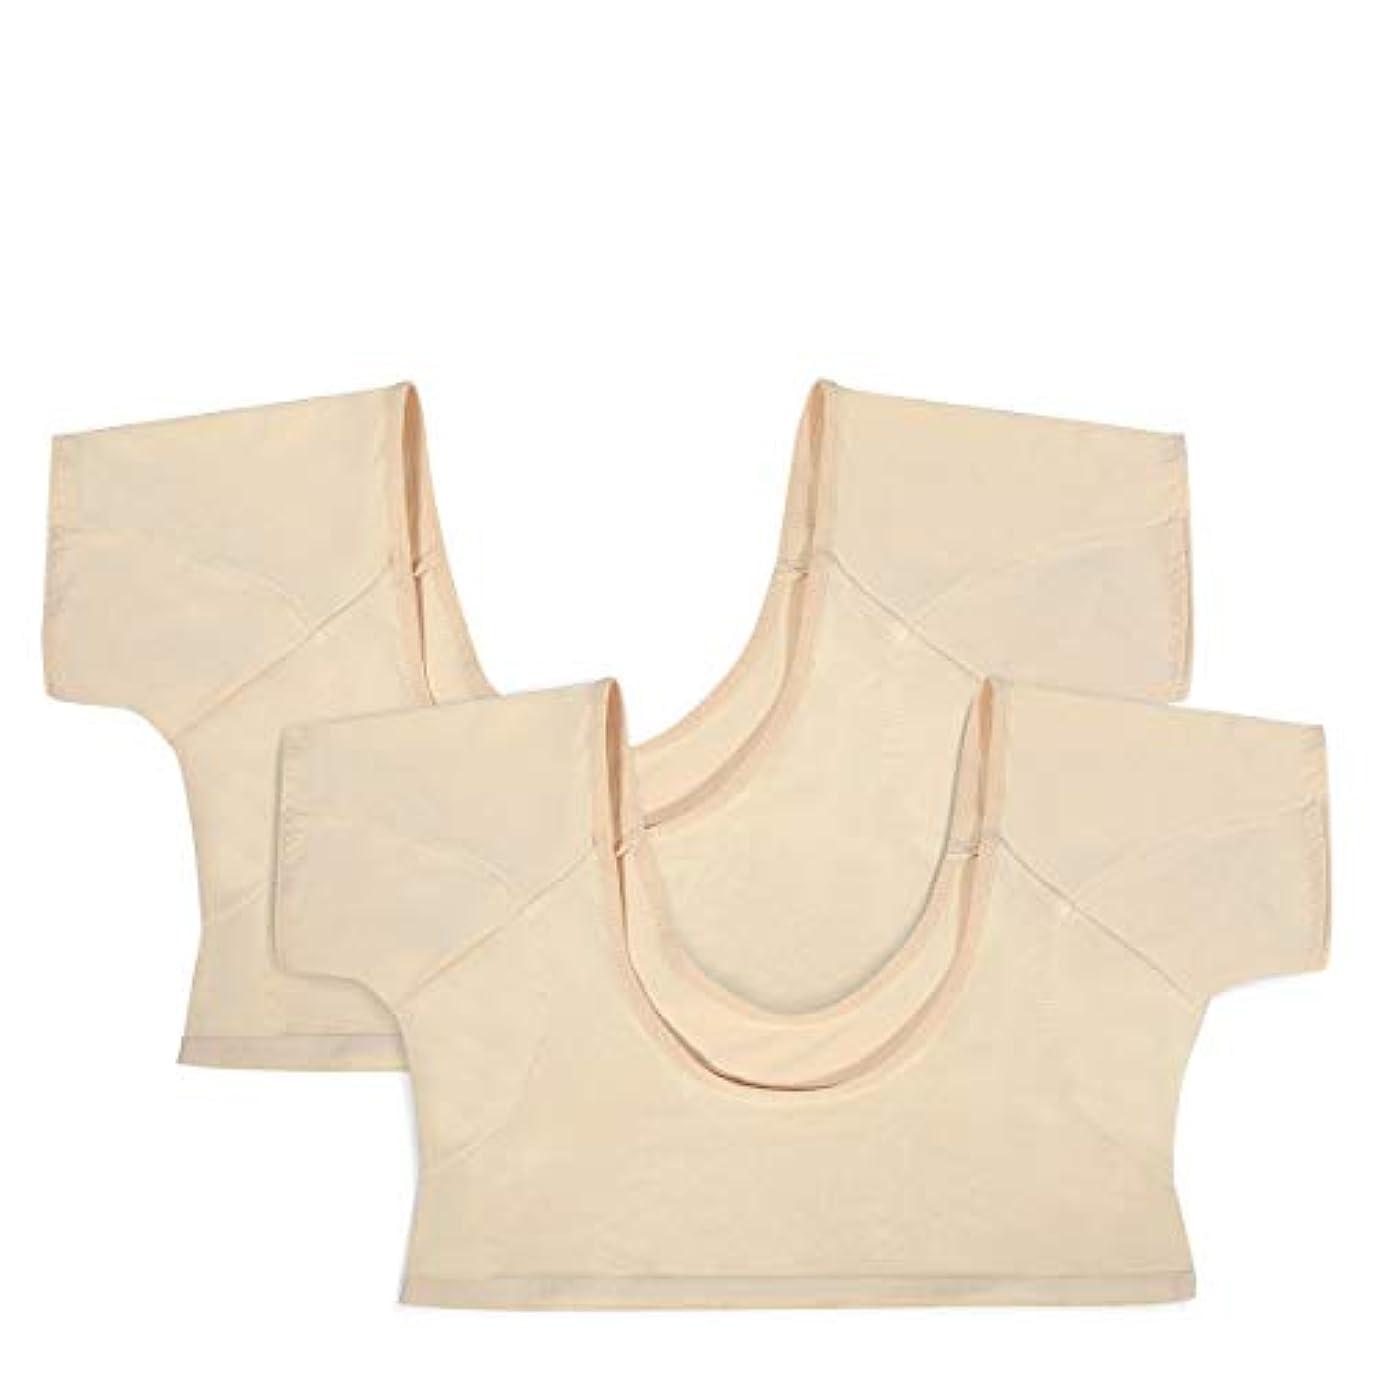 メディカルましいきつくLC-dolida 汗取りインナー 2枚組み レディースインナーシャツ 汗脇パッド付き ワキサラット ワキ汗対策 色透け難い 極薄い 吸水速乾 汗取りパッド(Mサイズ)